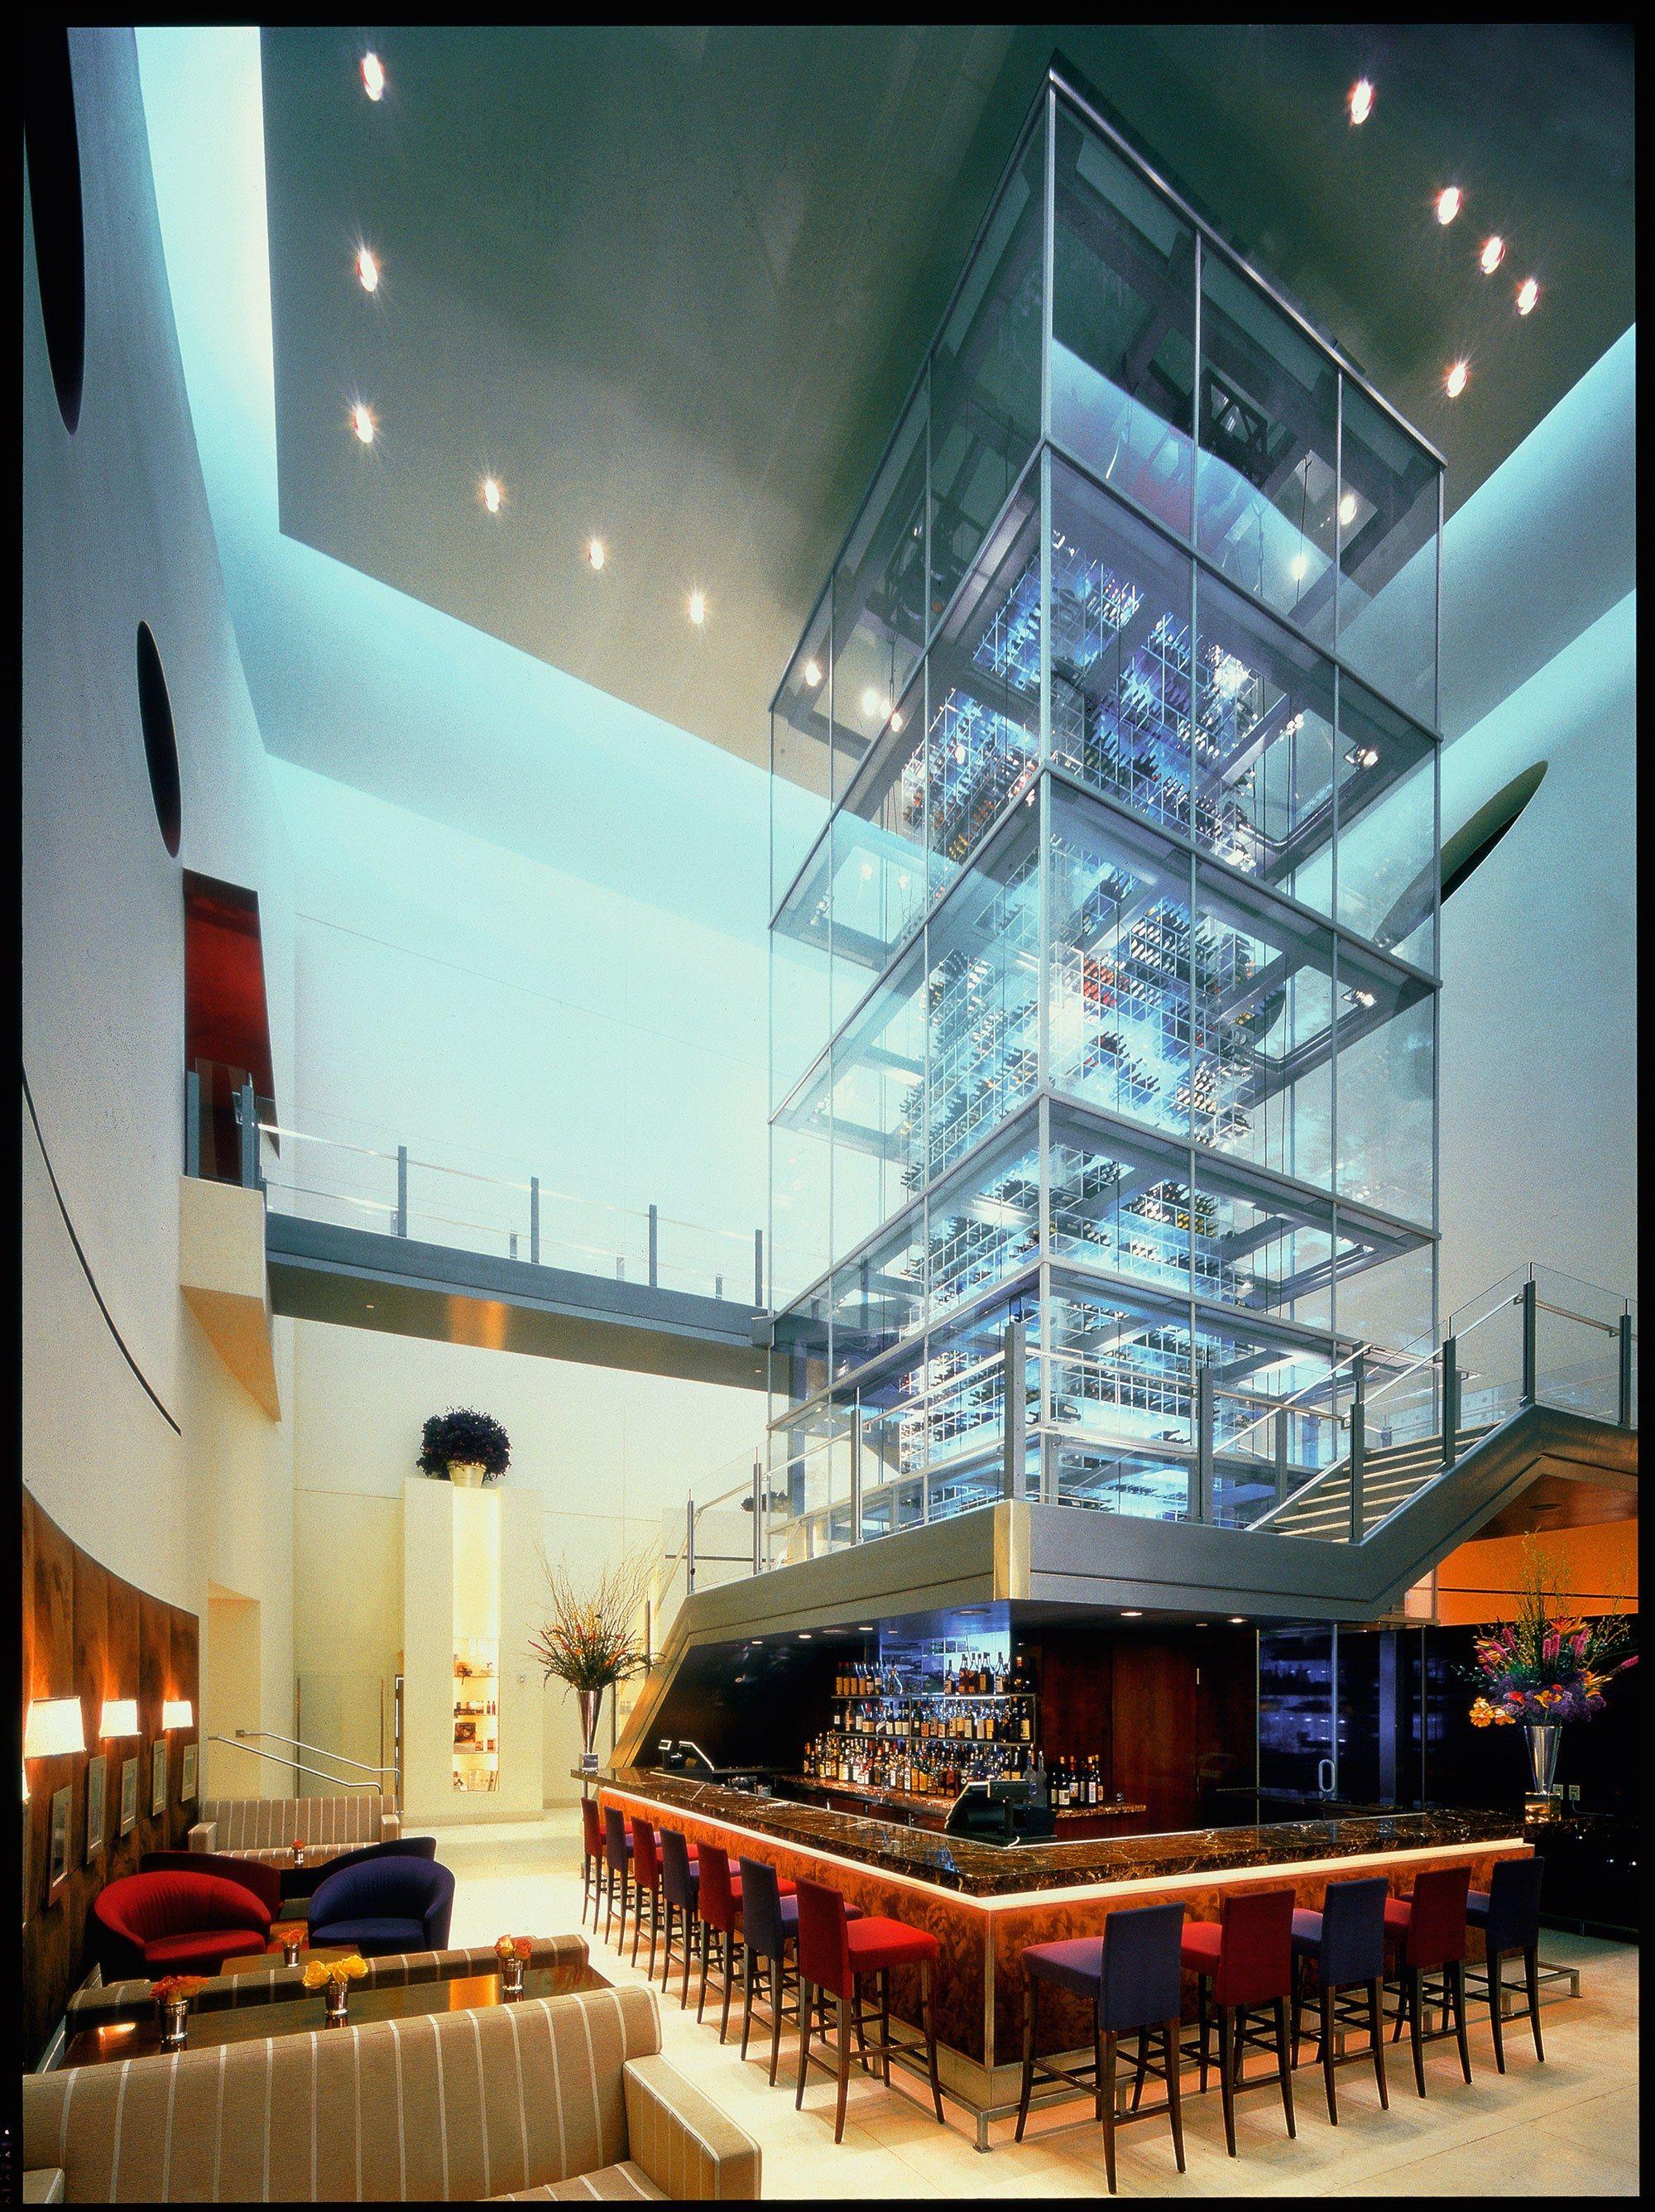 Restaurants with the Best Wine Storage Photos | Architectural Digest